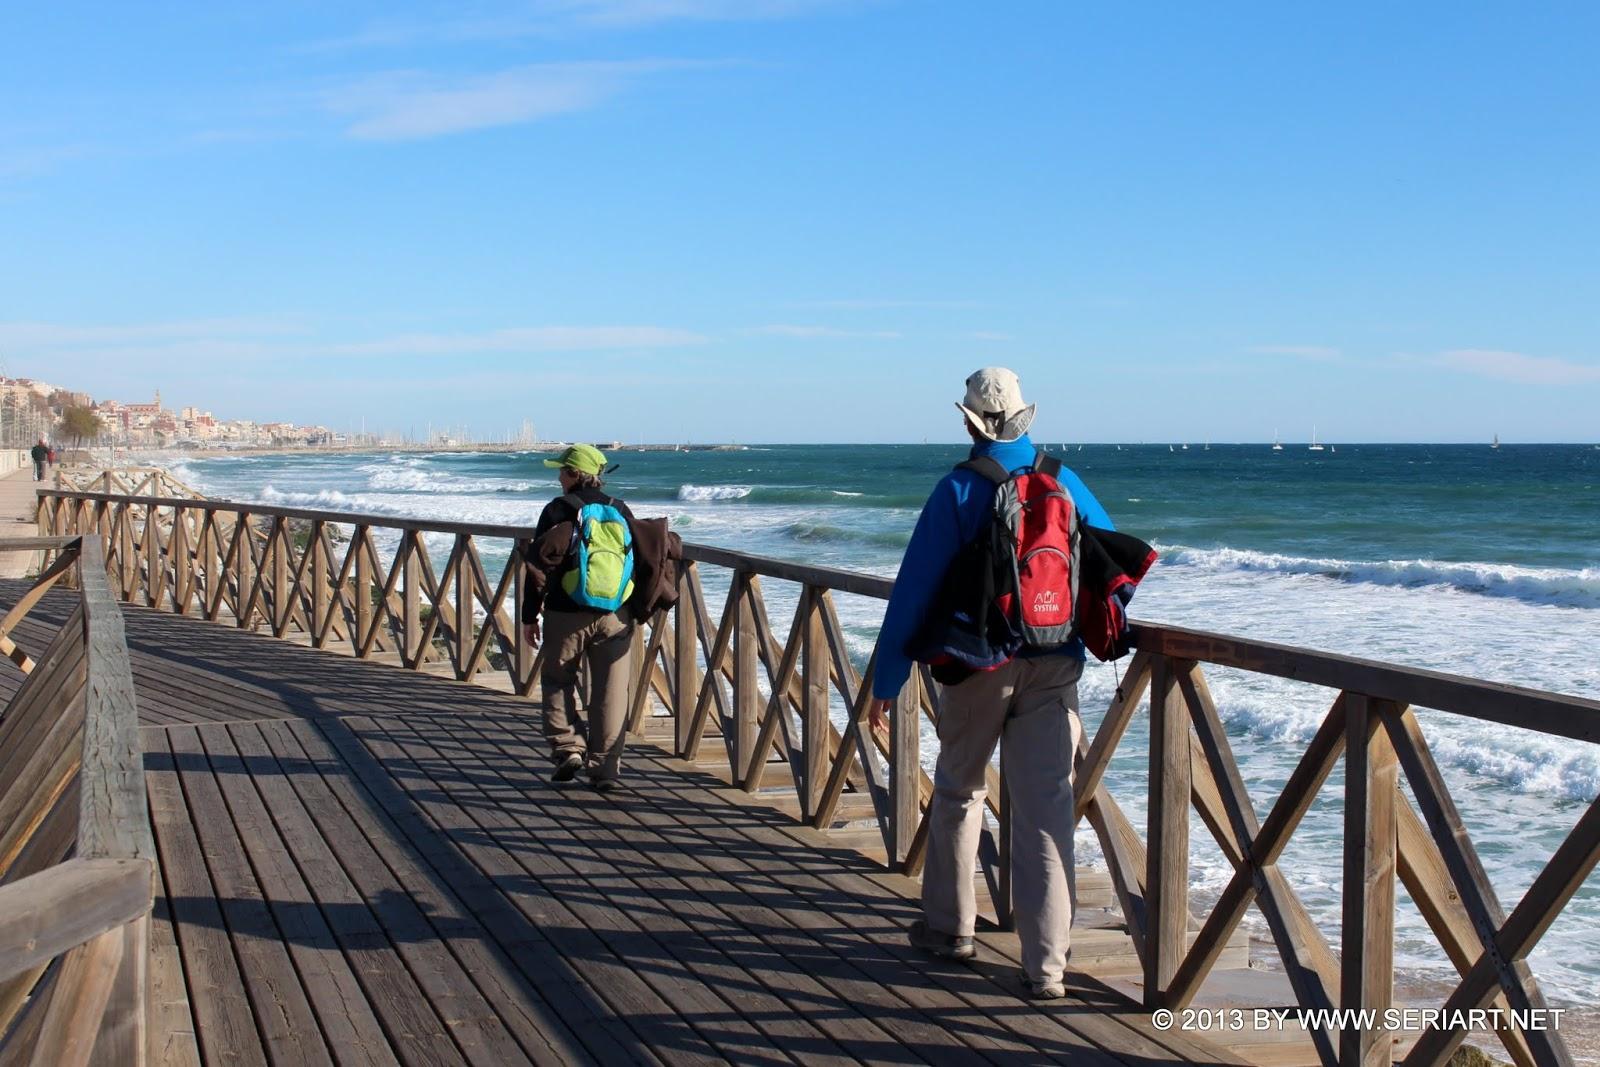 Playa El Palomarico / Cala del Muerto